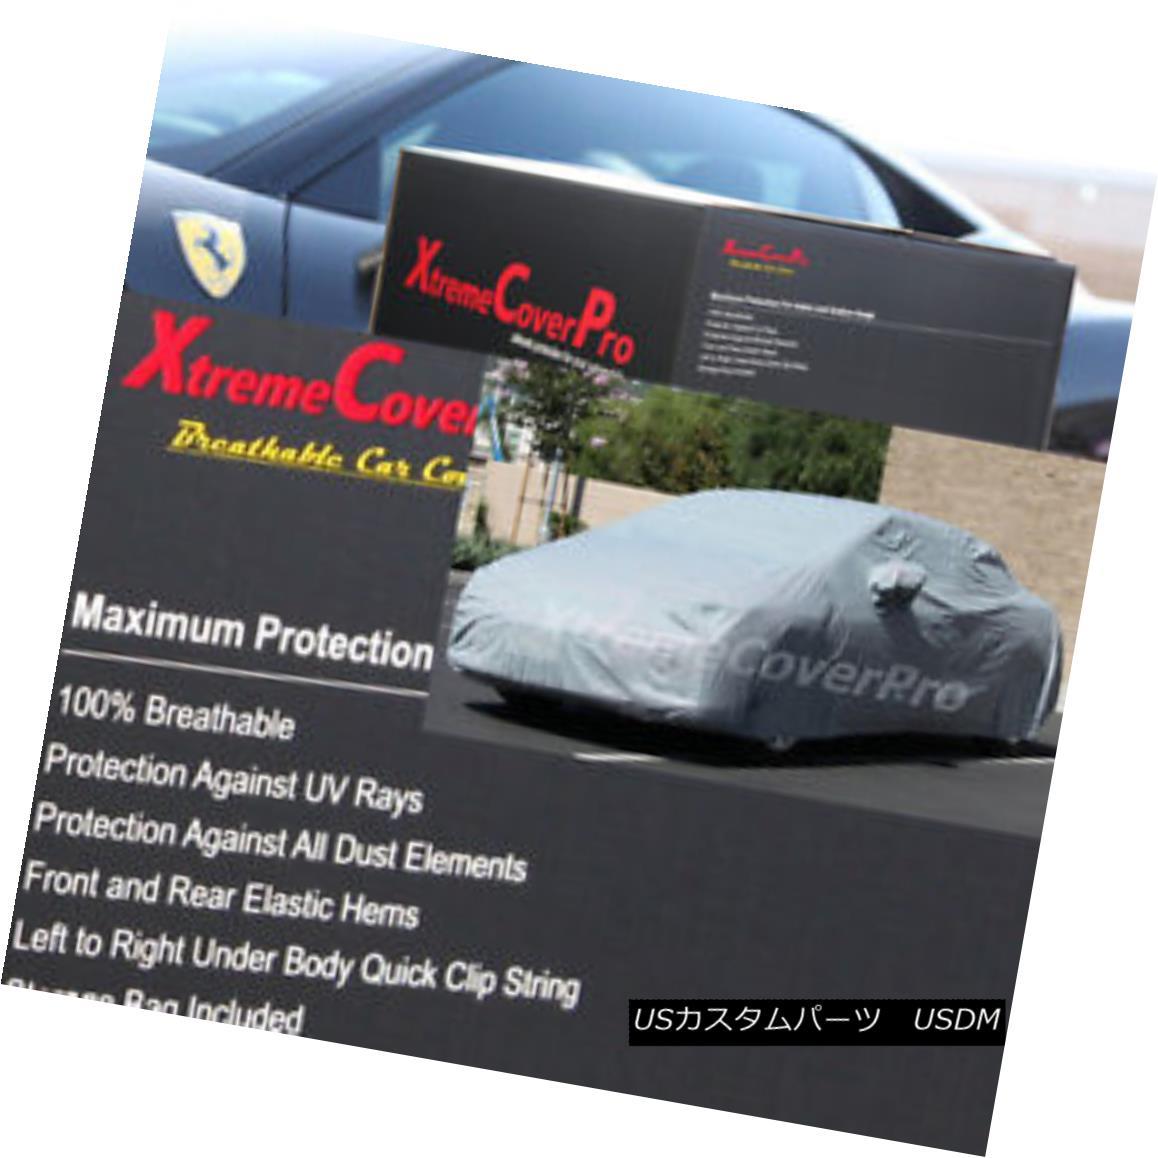 カーカバー 2010 2011 2012 Lexus IS250 IS350 Breathable Car Cover w/MirrorPocket 2010年2011年2012 Lexus IS250 IS350通気性車カバー付きMirrorPocket